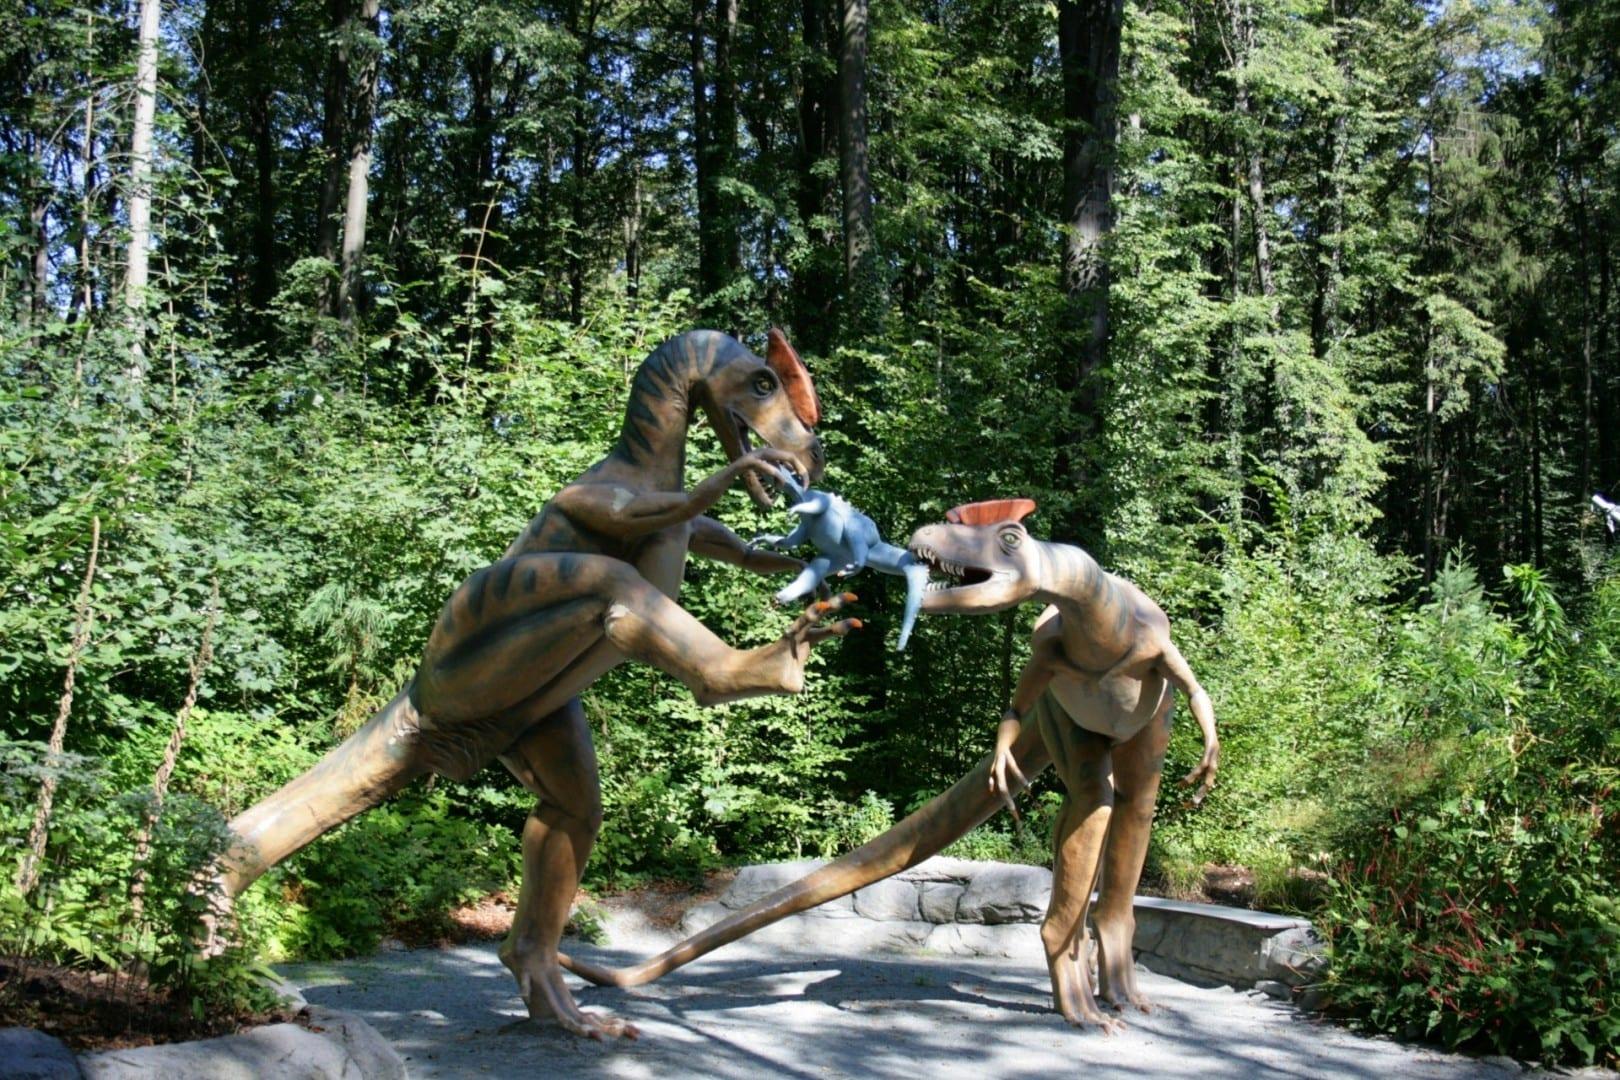 Parque de Dinosaurios Kleinwelka Bautzen Alemania